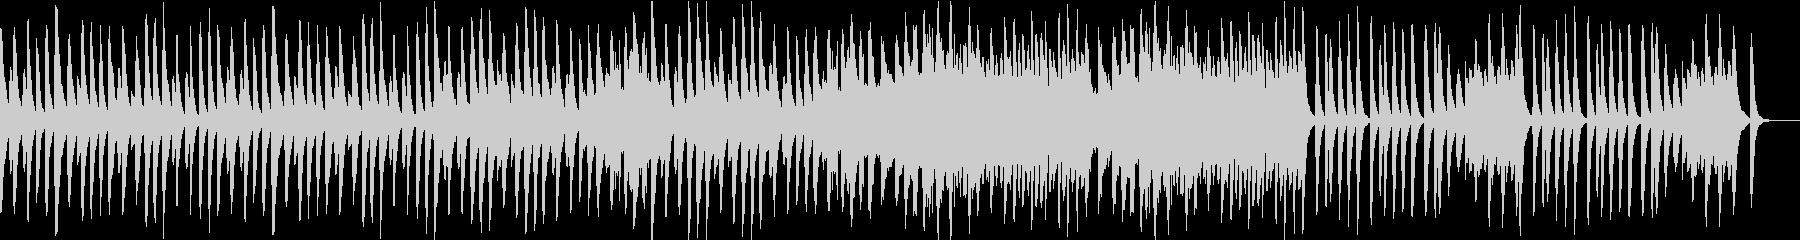 シンプルな木琴の曲の未再生の波形